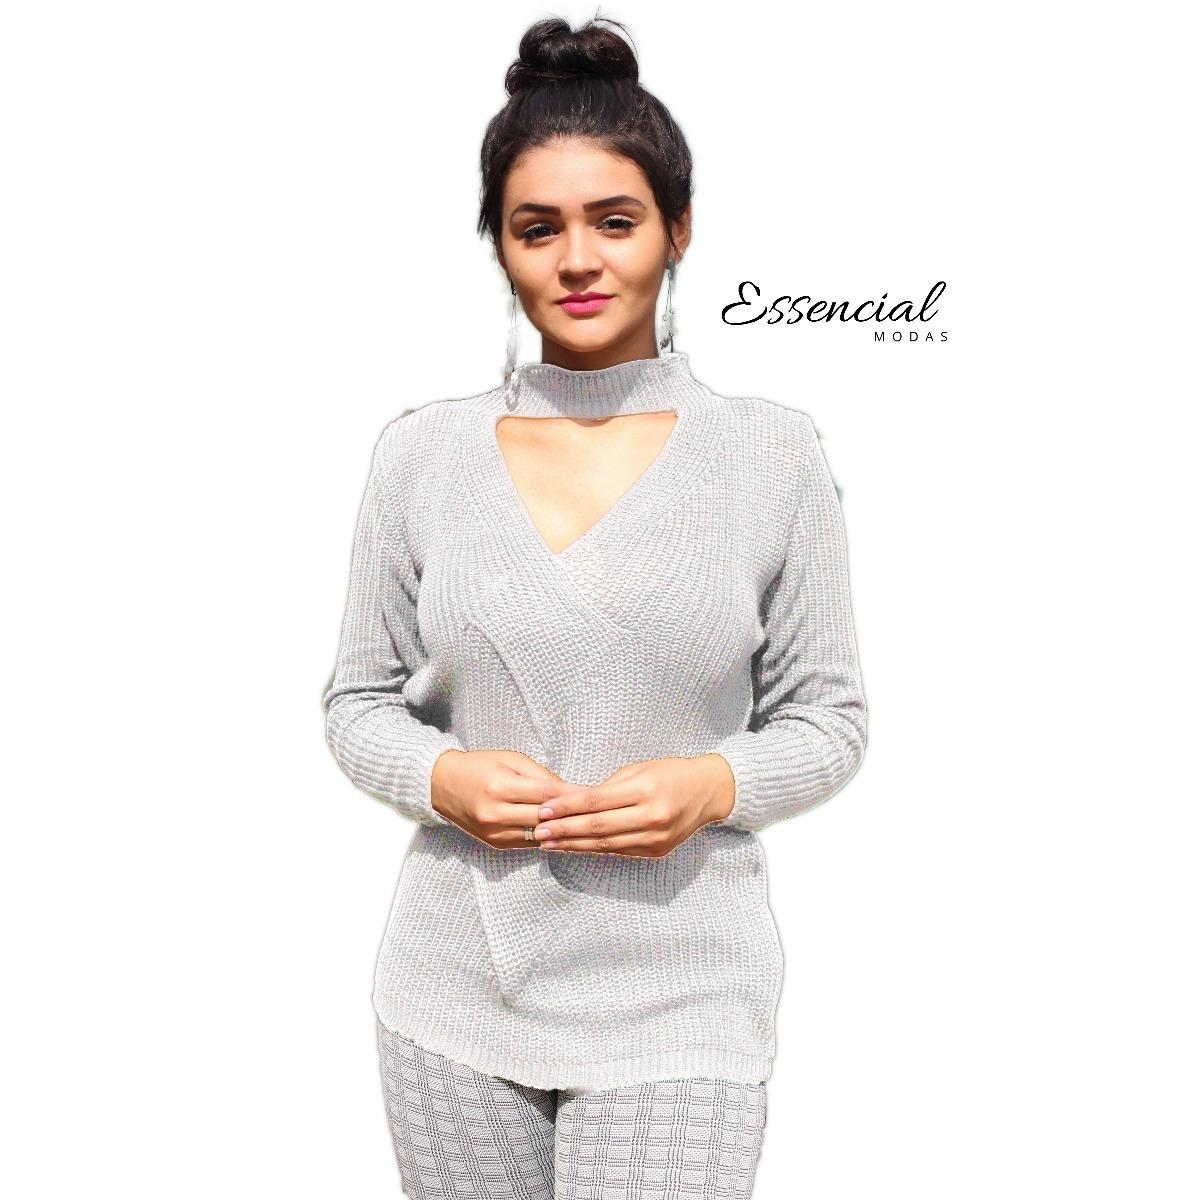 ef3cbfd8df blusa de frio linha trico lã gola chocker v moda feminina 18. Carregando  zoom.